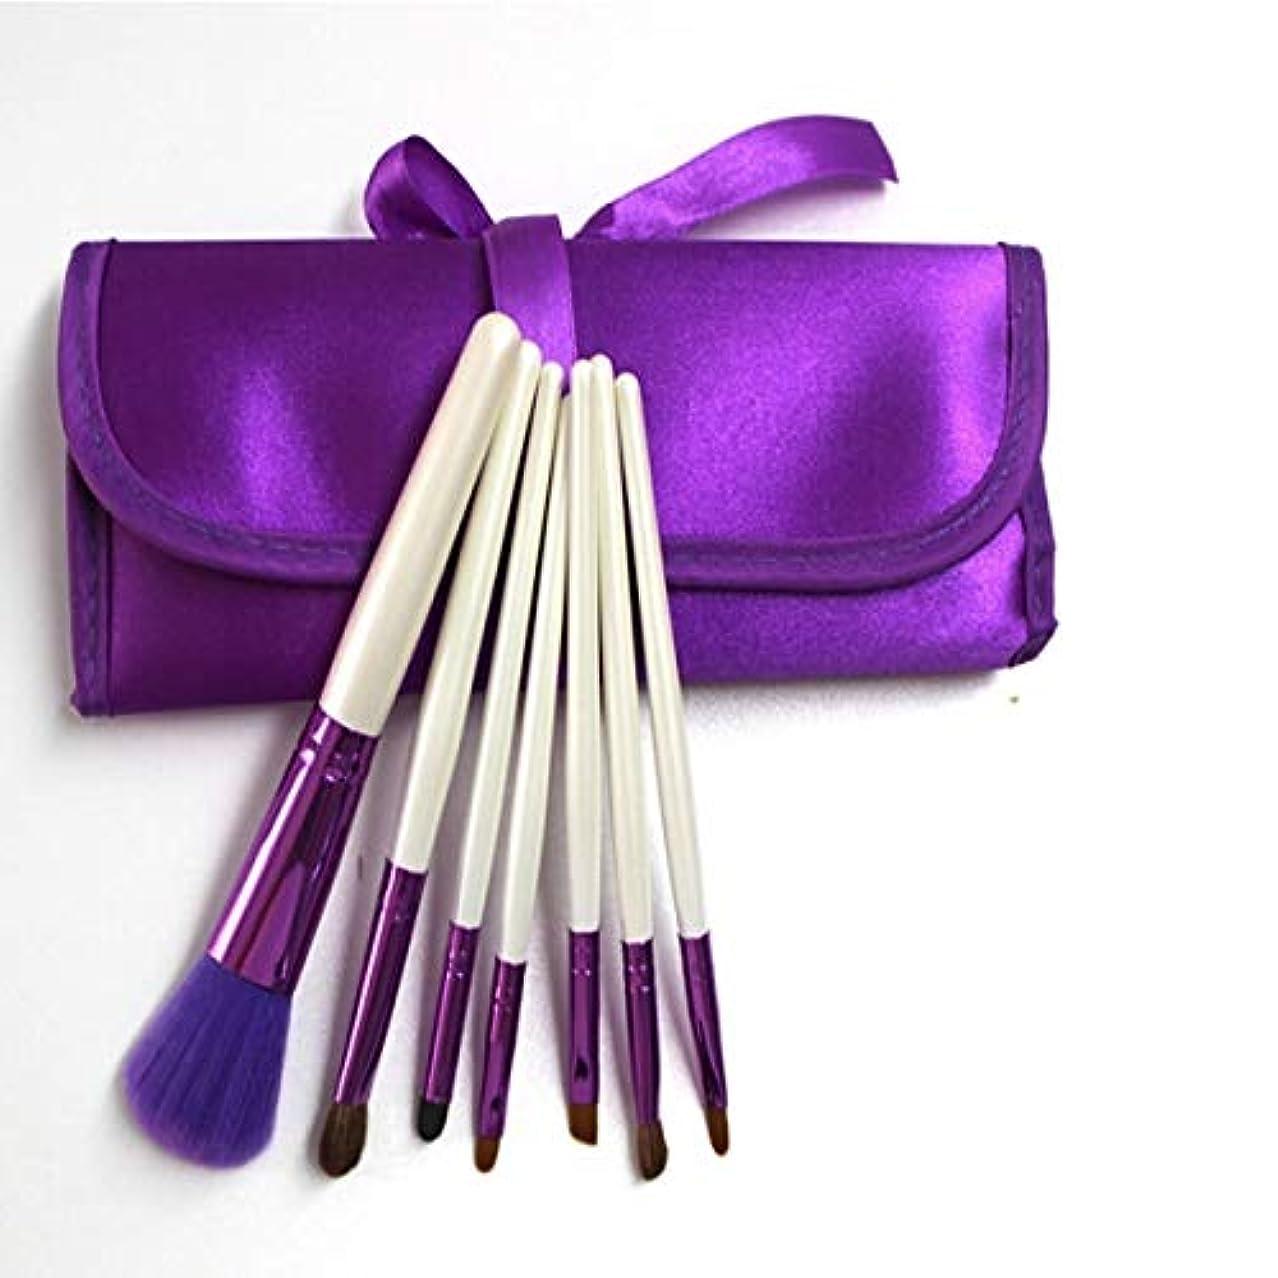 マッシュ実験室天国XIAOCHAOSD メイクブラシセットメイクブラシセット7ピースアイシャドウブラシアイブローブラシチークブラシアイライナーブラシリップブラシメイクアップ美容ツール (Color : Purple)